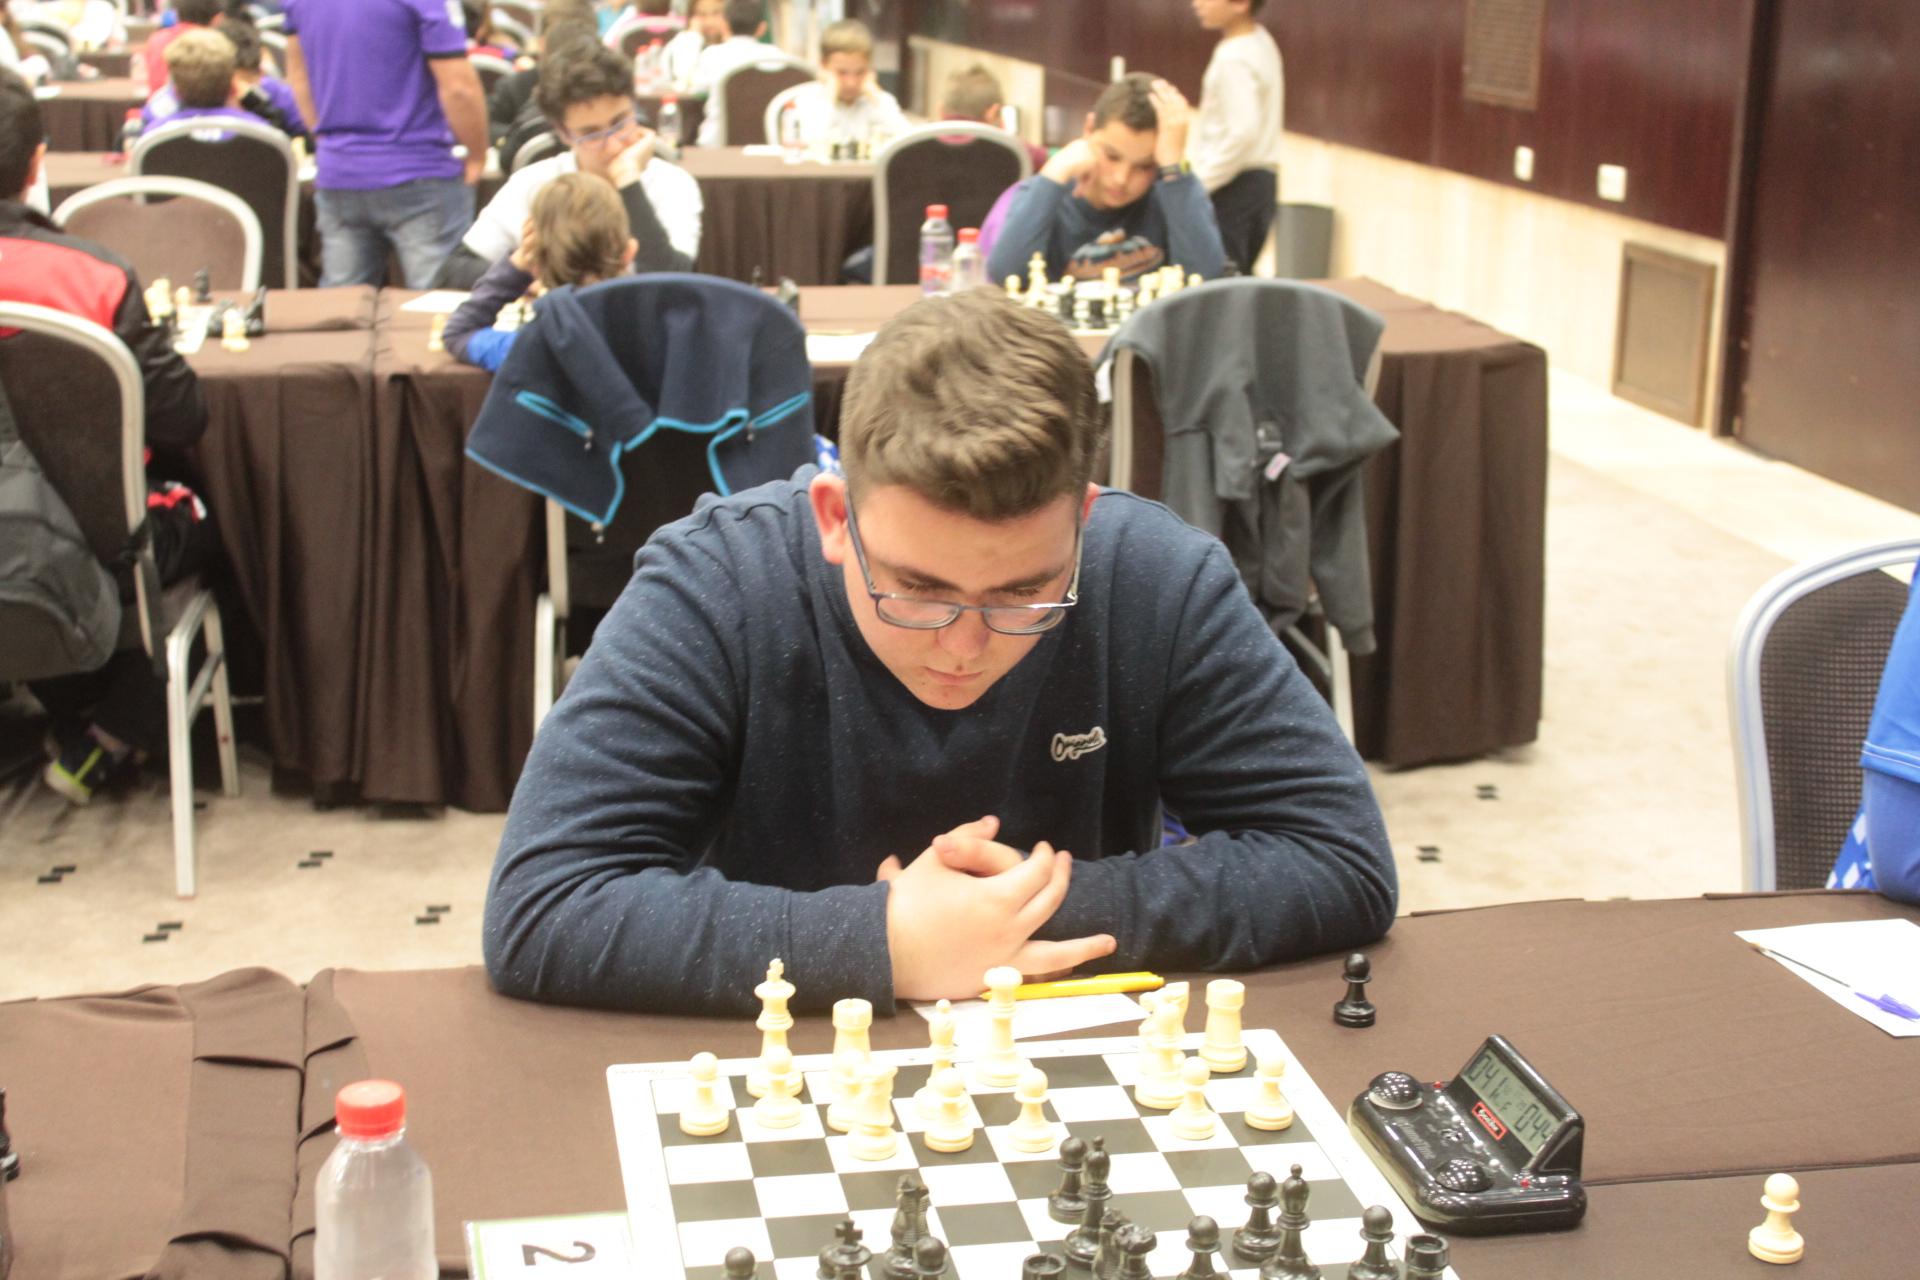 Campeonato de Andalucía por Edades 2018 en Punta Umbría (Huelva) del 12 al 15 de abril, con la part